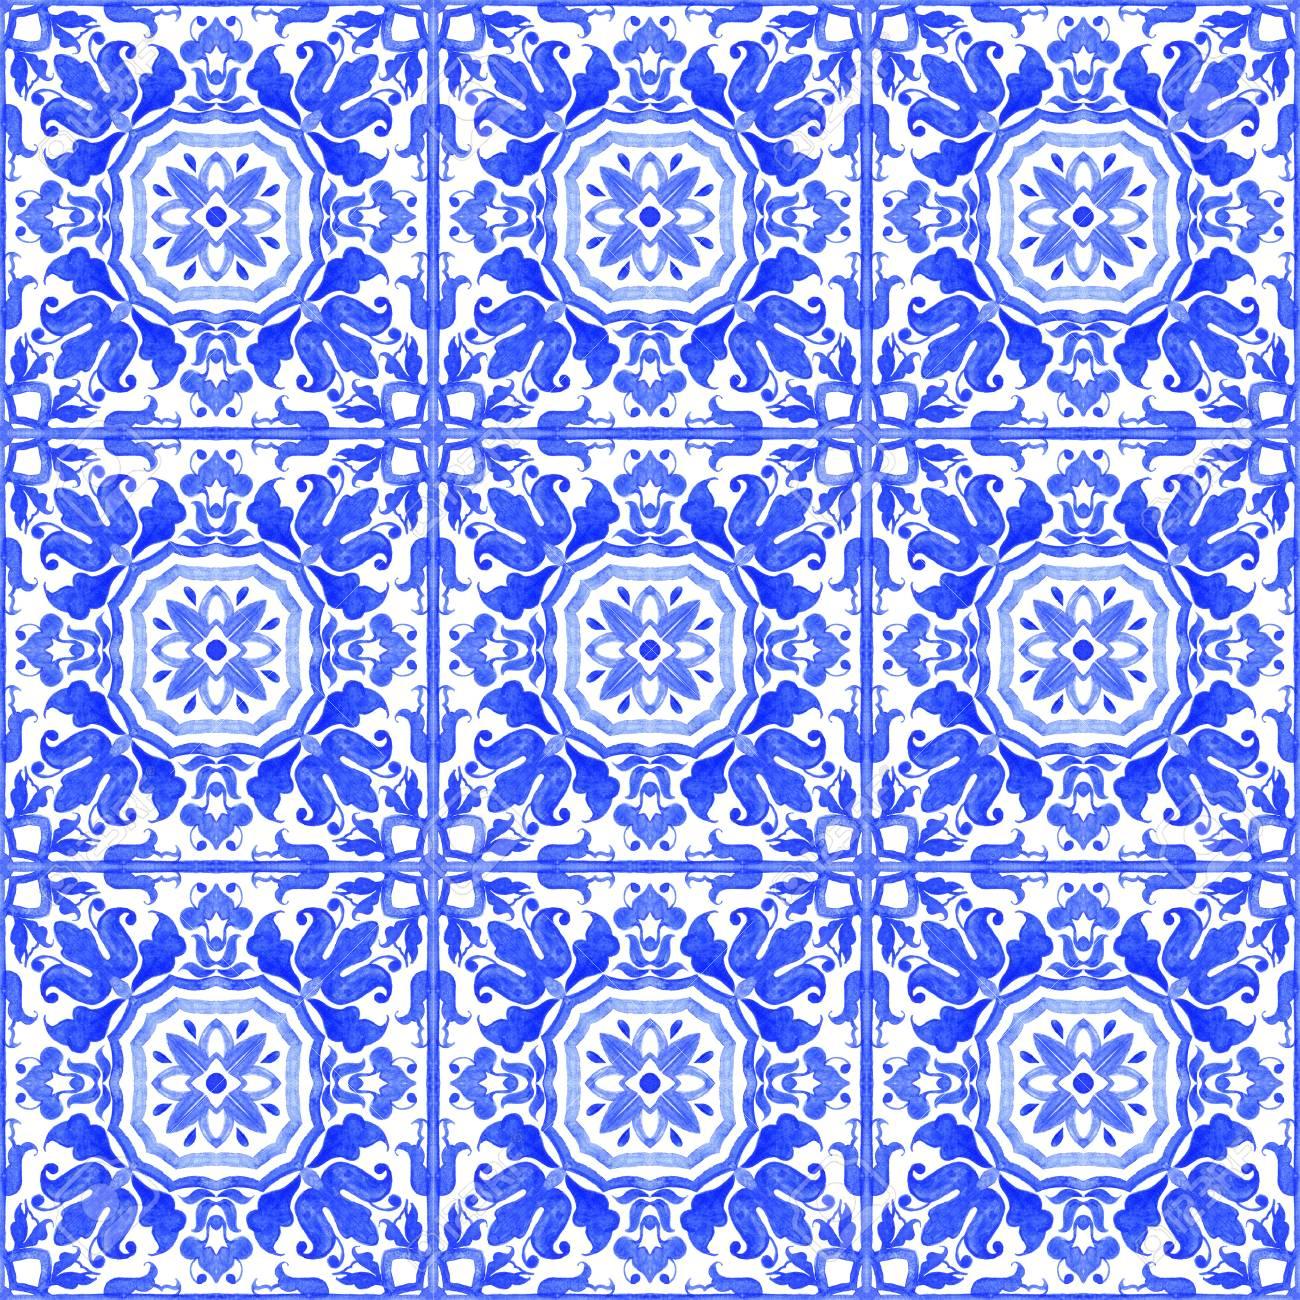 Portugiesische Azulejo Fliesen Blaue Und Weiße Wunderschöne - Tapete portugiesische fliesen